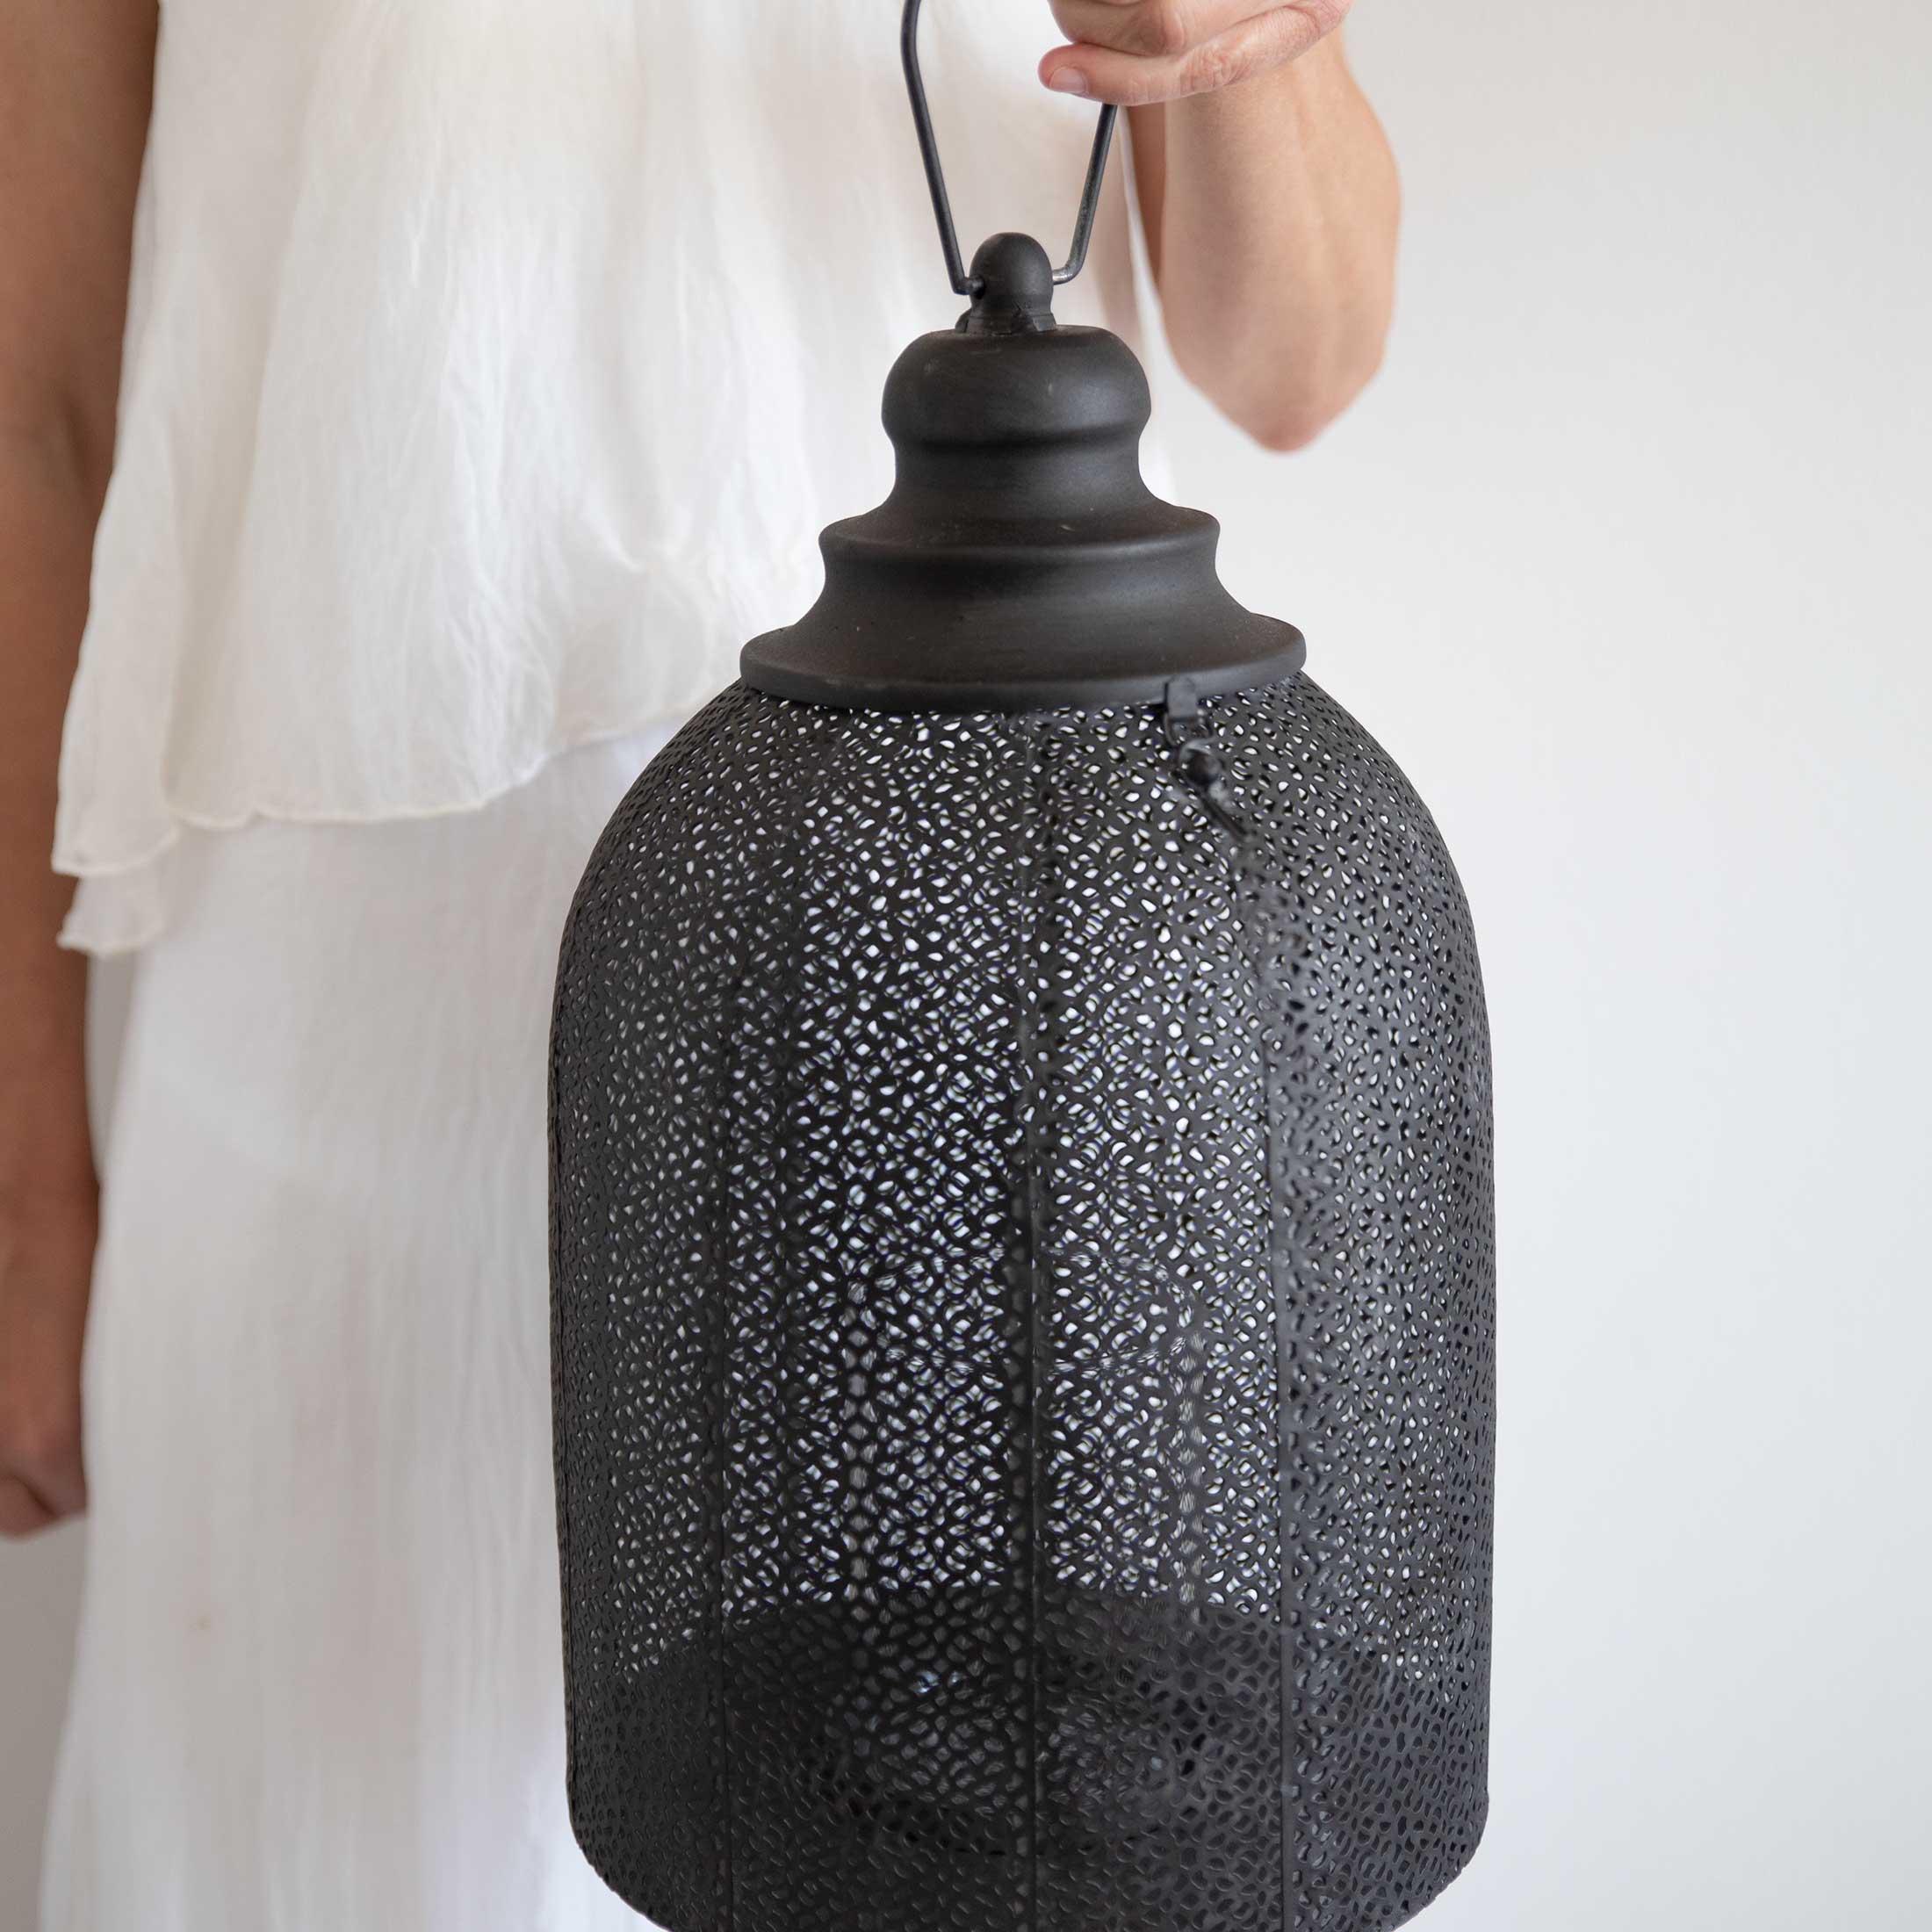 Marokkanisches Windlicht in Schwarz mit 32 cm Höhe aus Metall mit wunderschönem Muster zum Aufhängen und Hinstellen. Dekoration Windlicht im orientalischen Stil